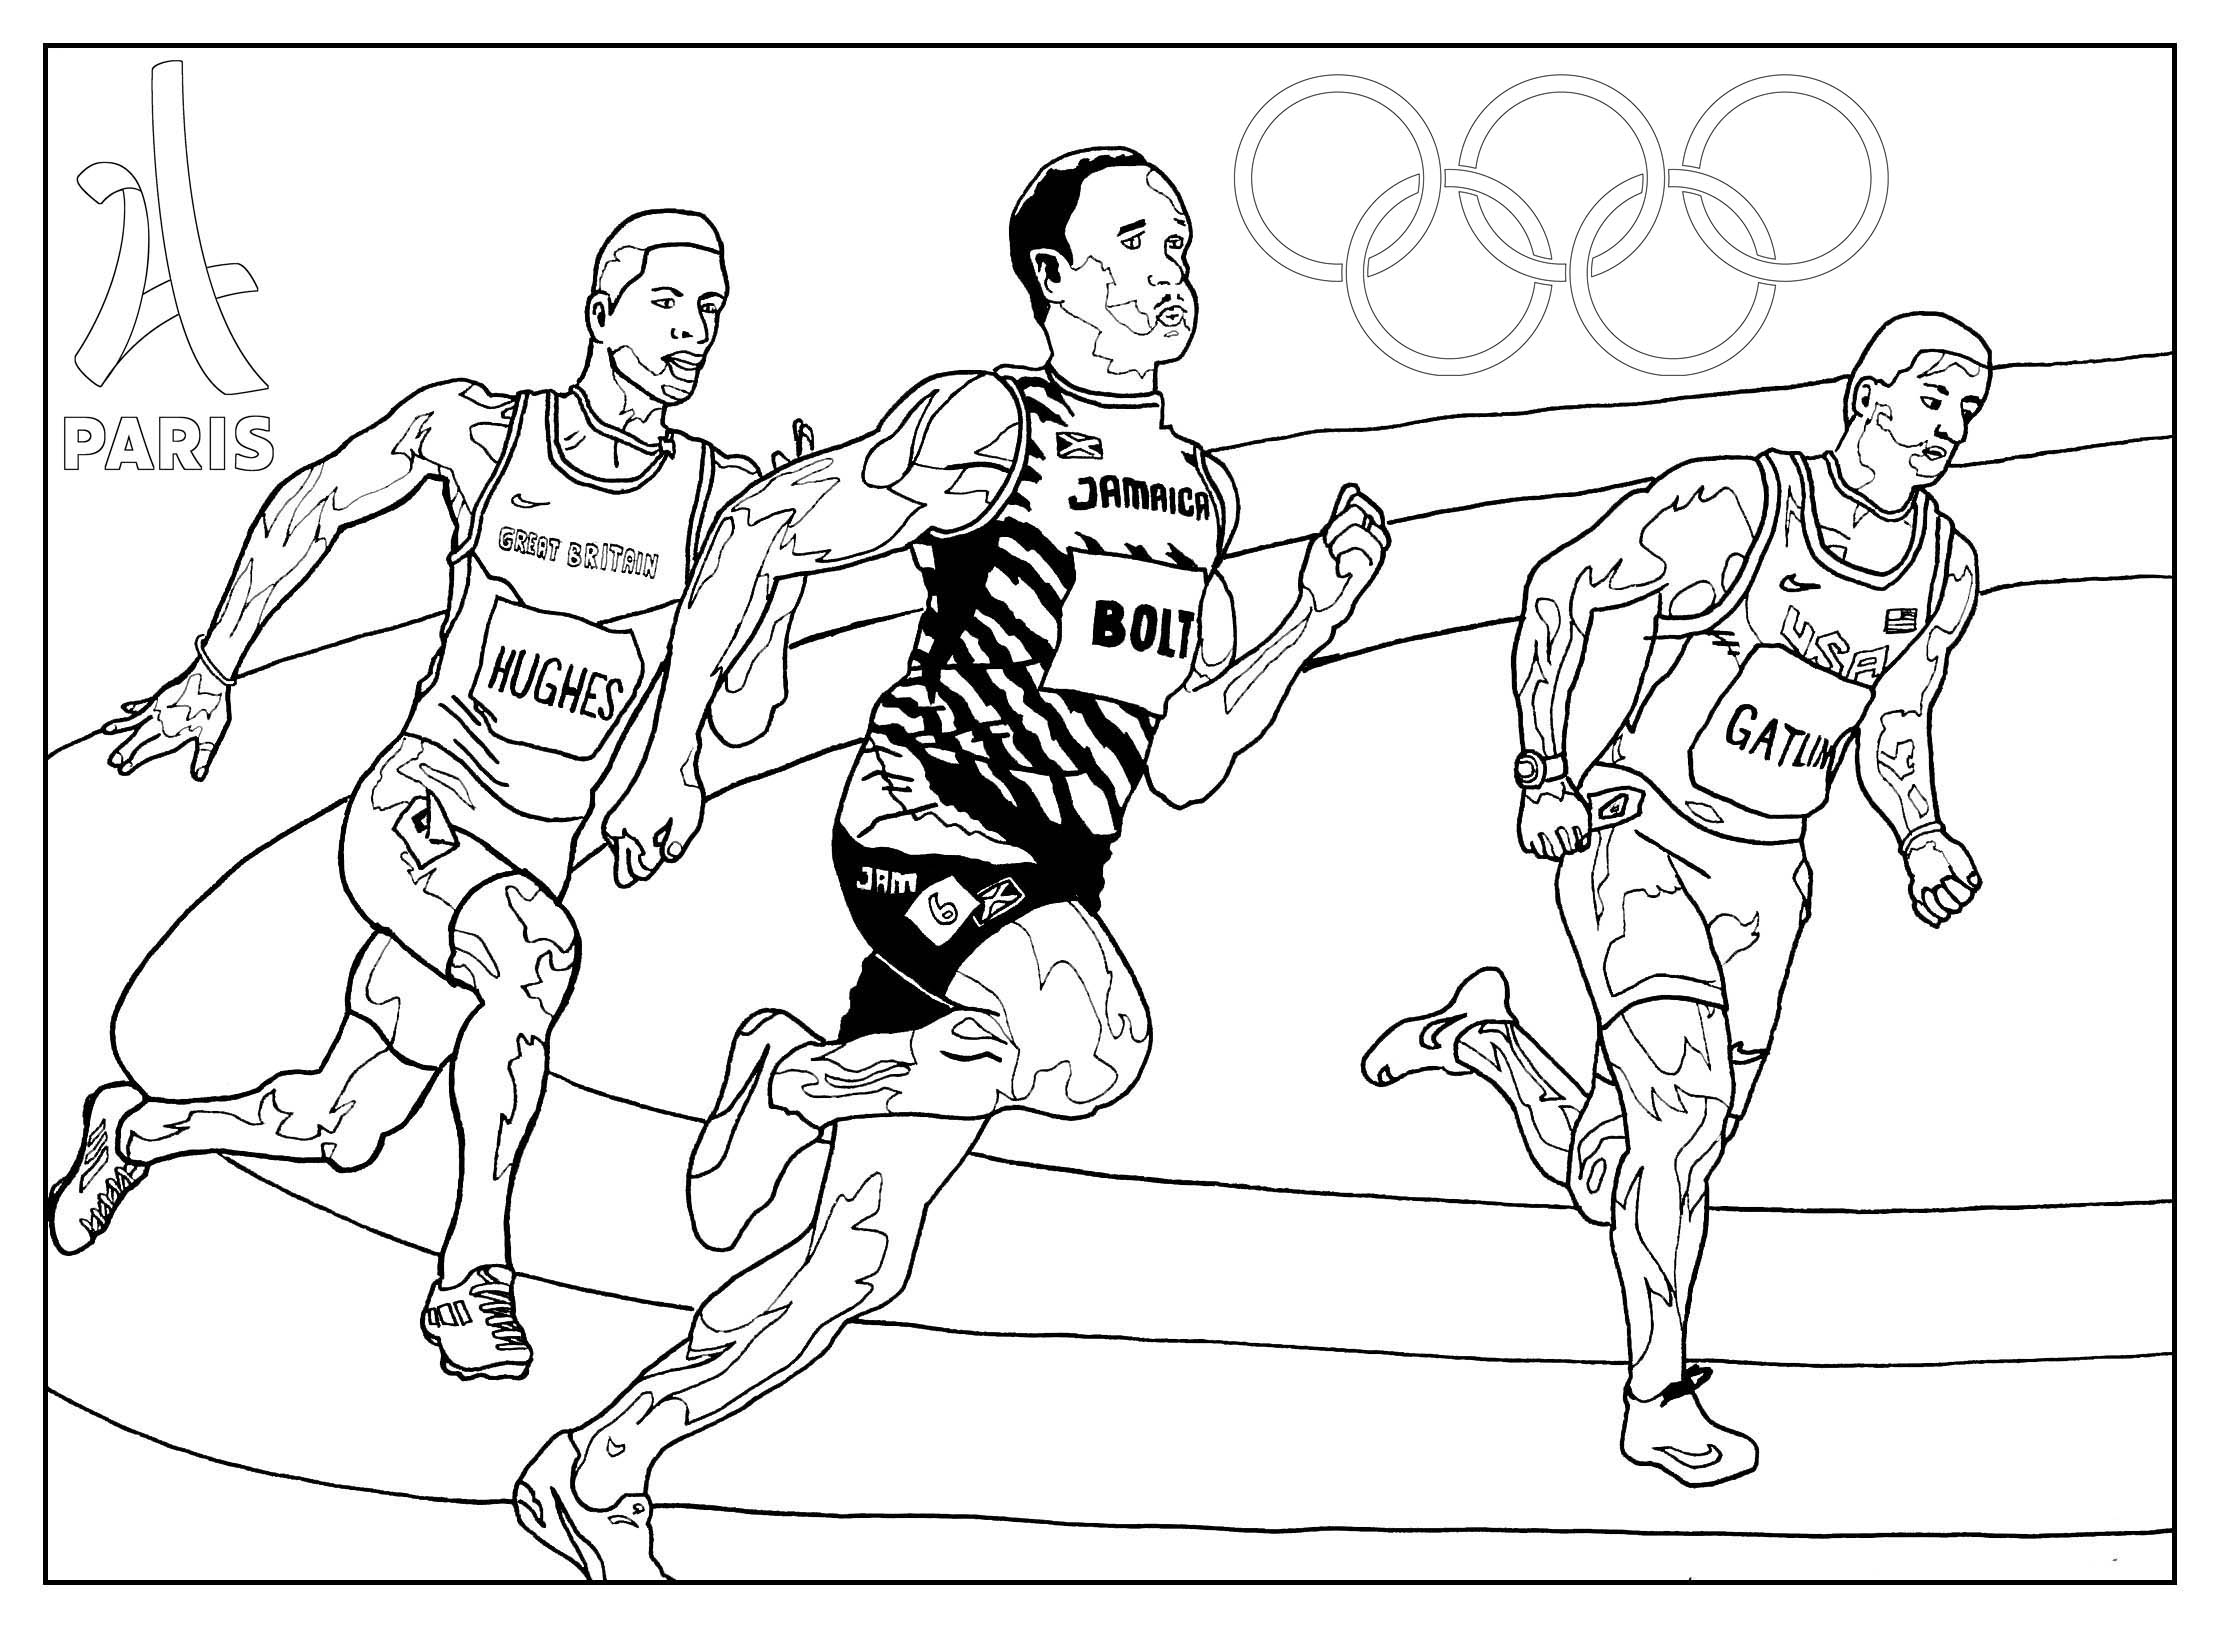 Jeux Olympiques de Paris 2024 : L'Athlétisme